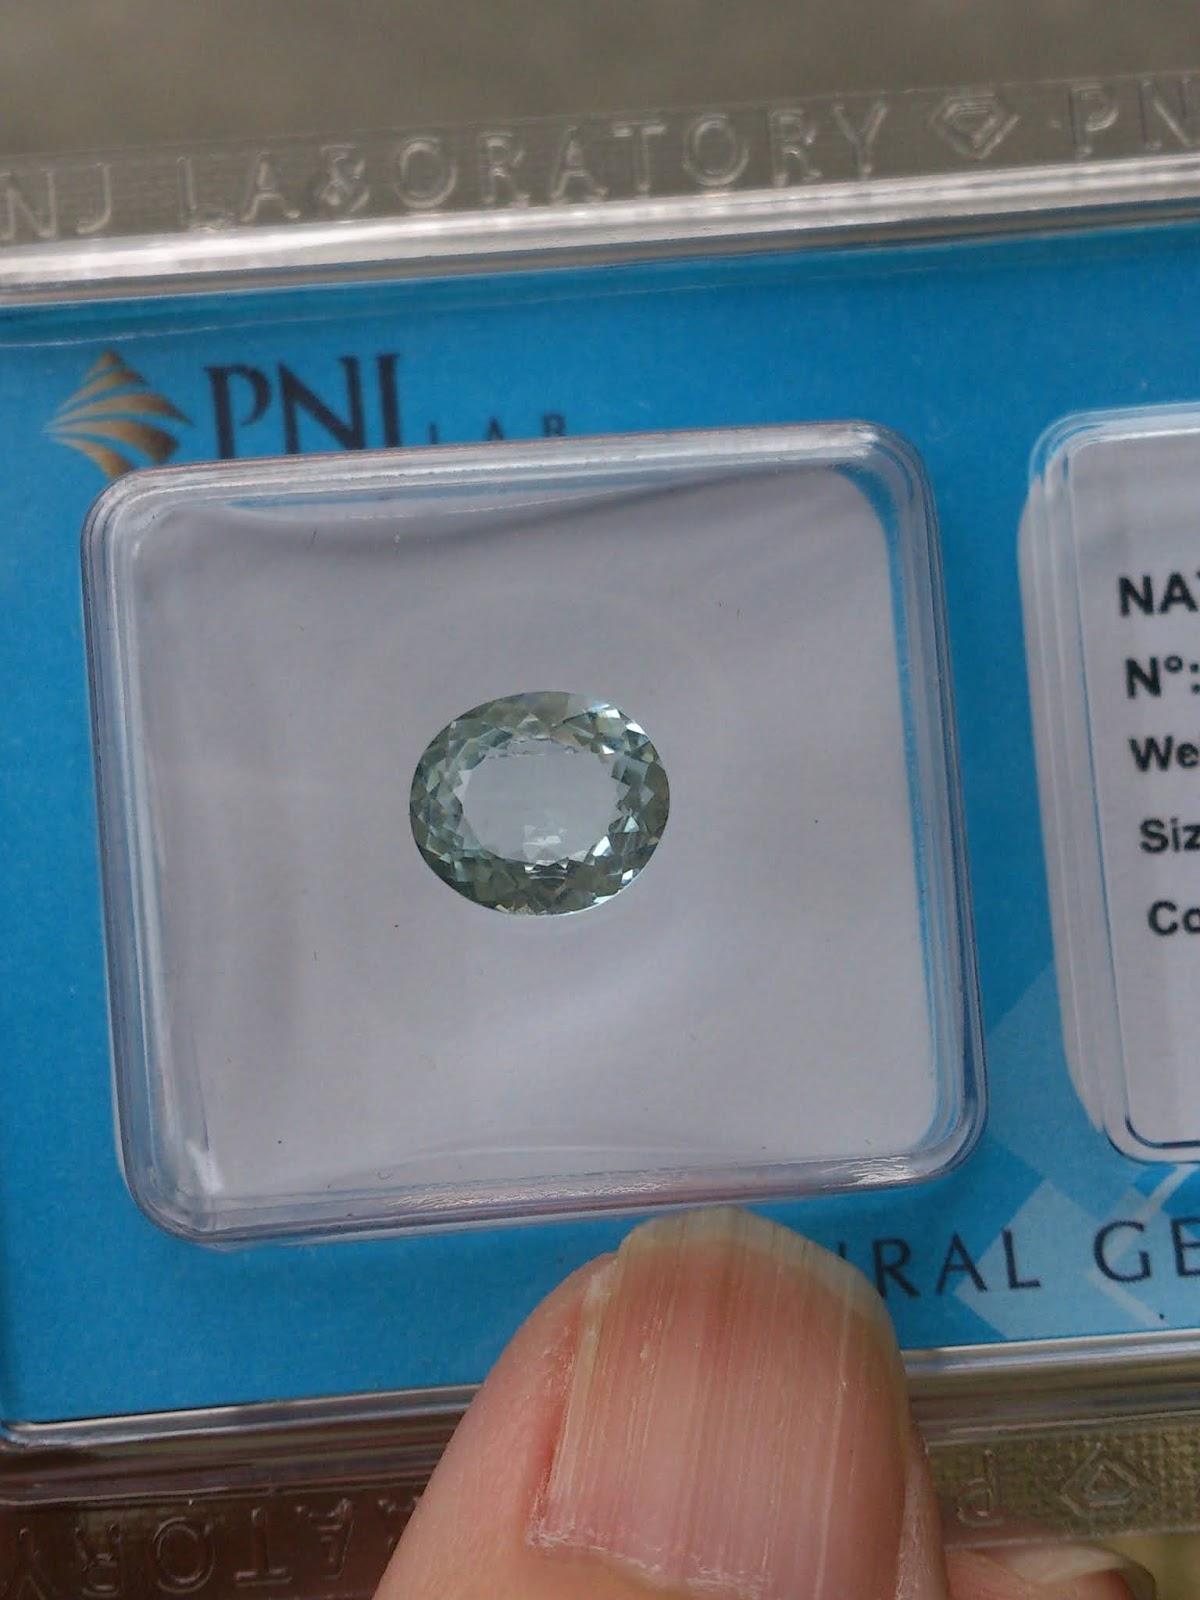 Đá quý Ngọc Lam Biển thiên nhiên, Natural Aquamarine đã kiểm định PNJ